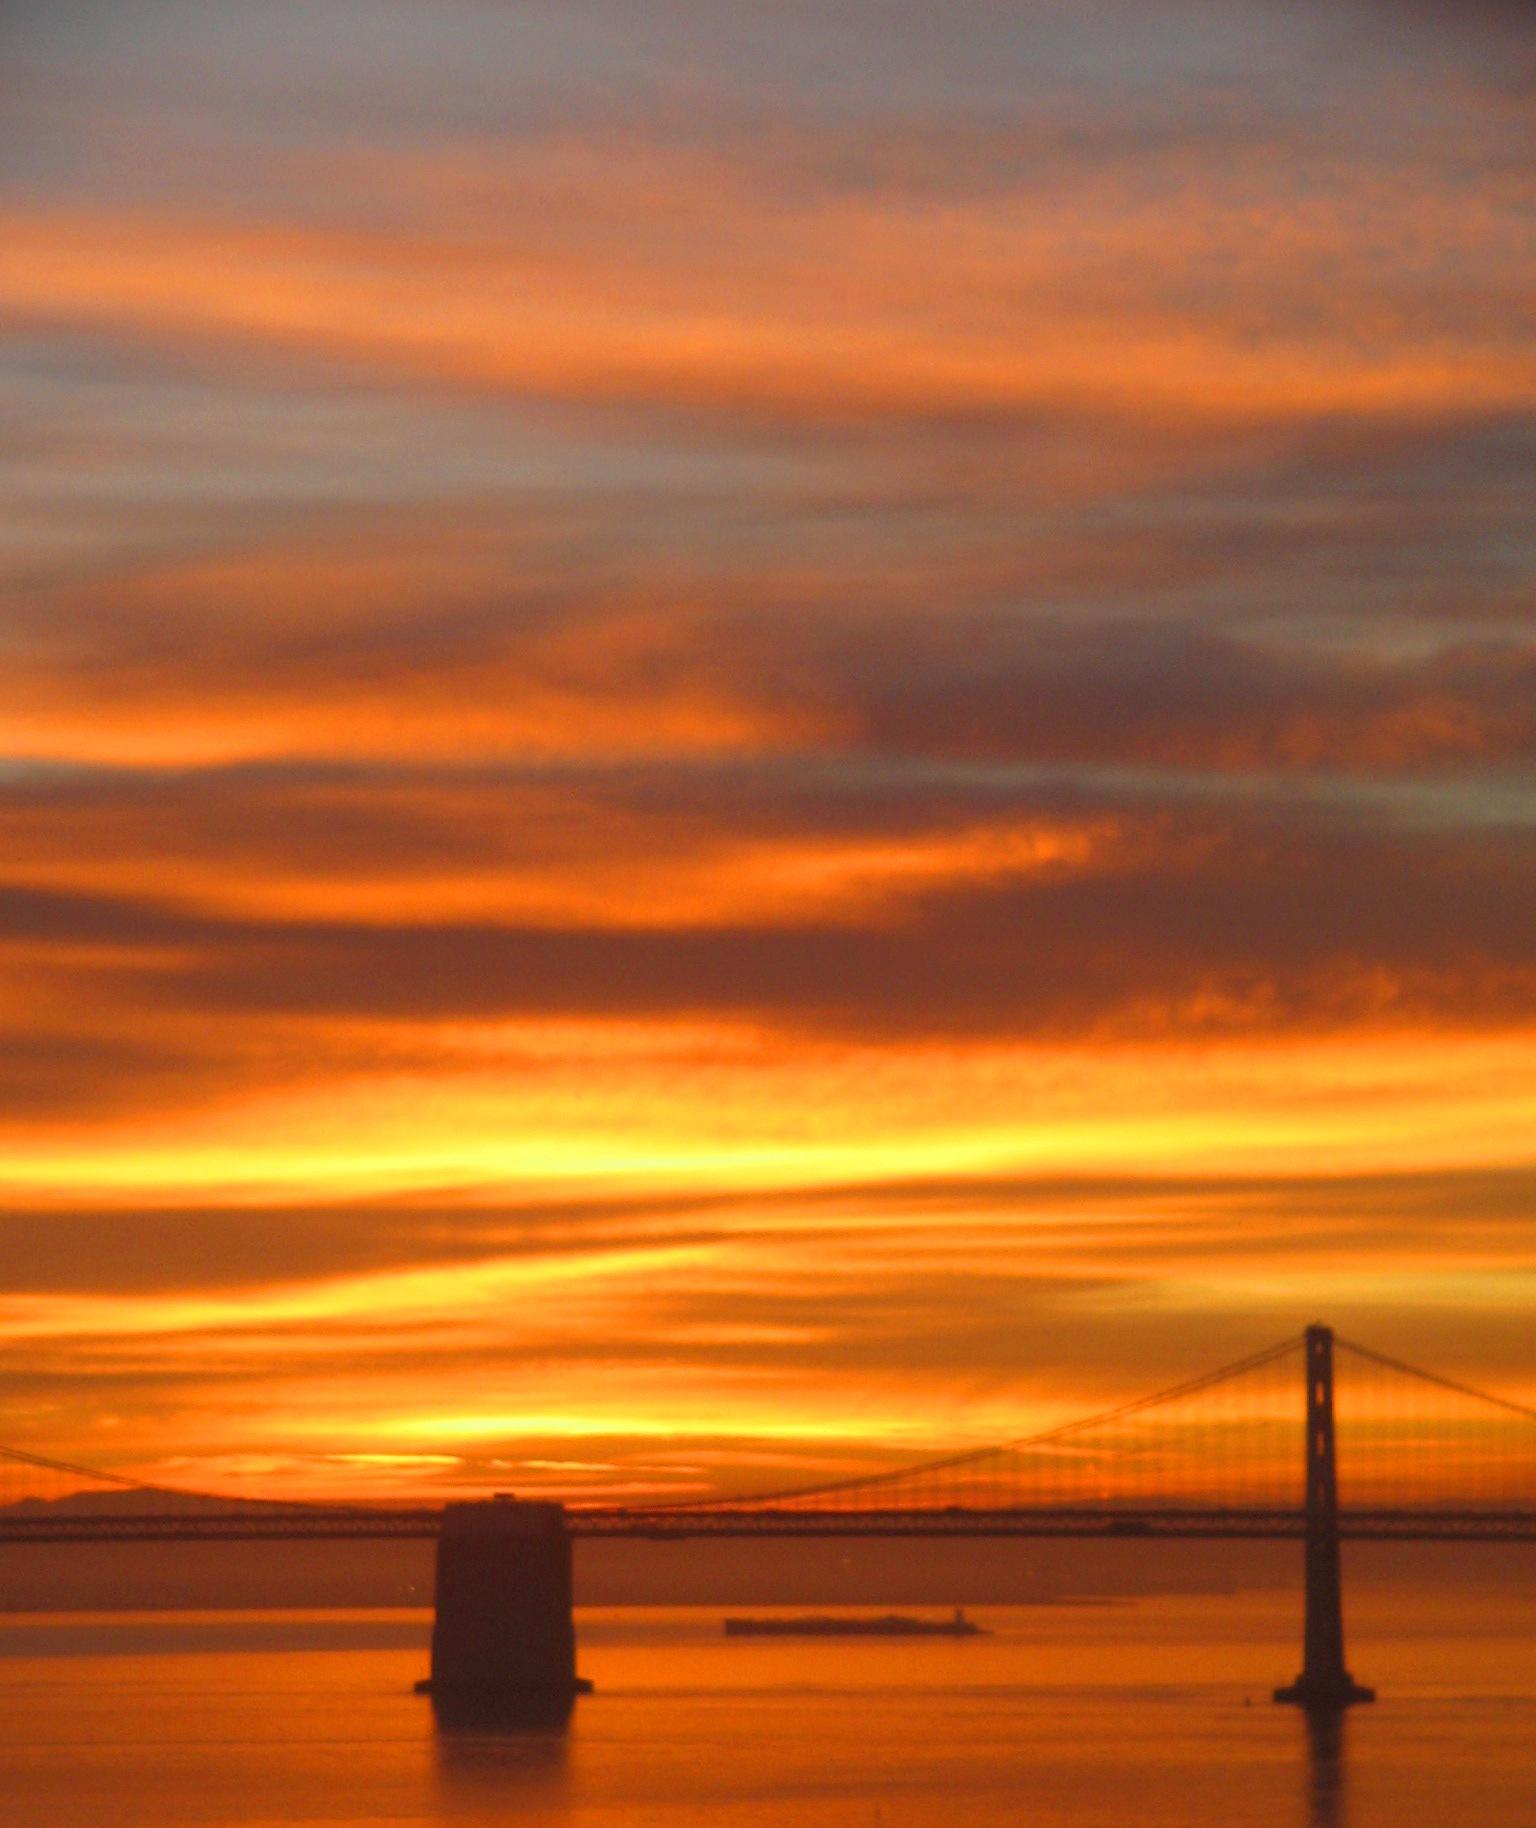 Autumn Sunrise...fall colors in California sky